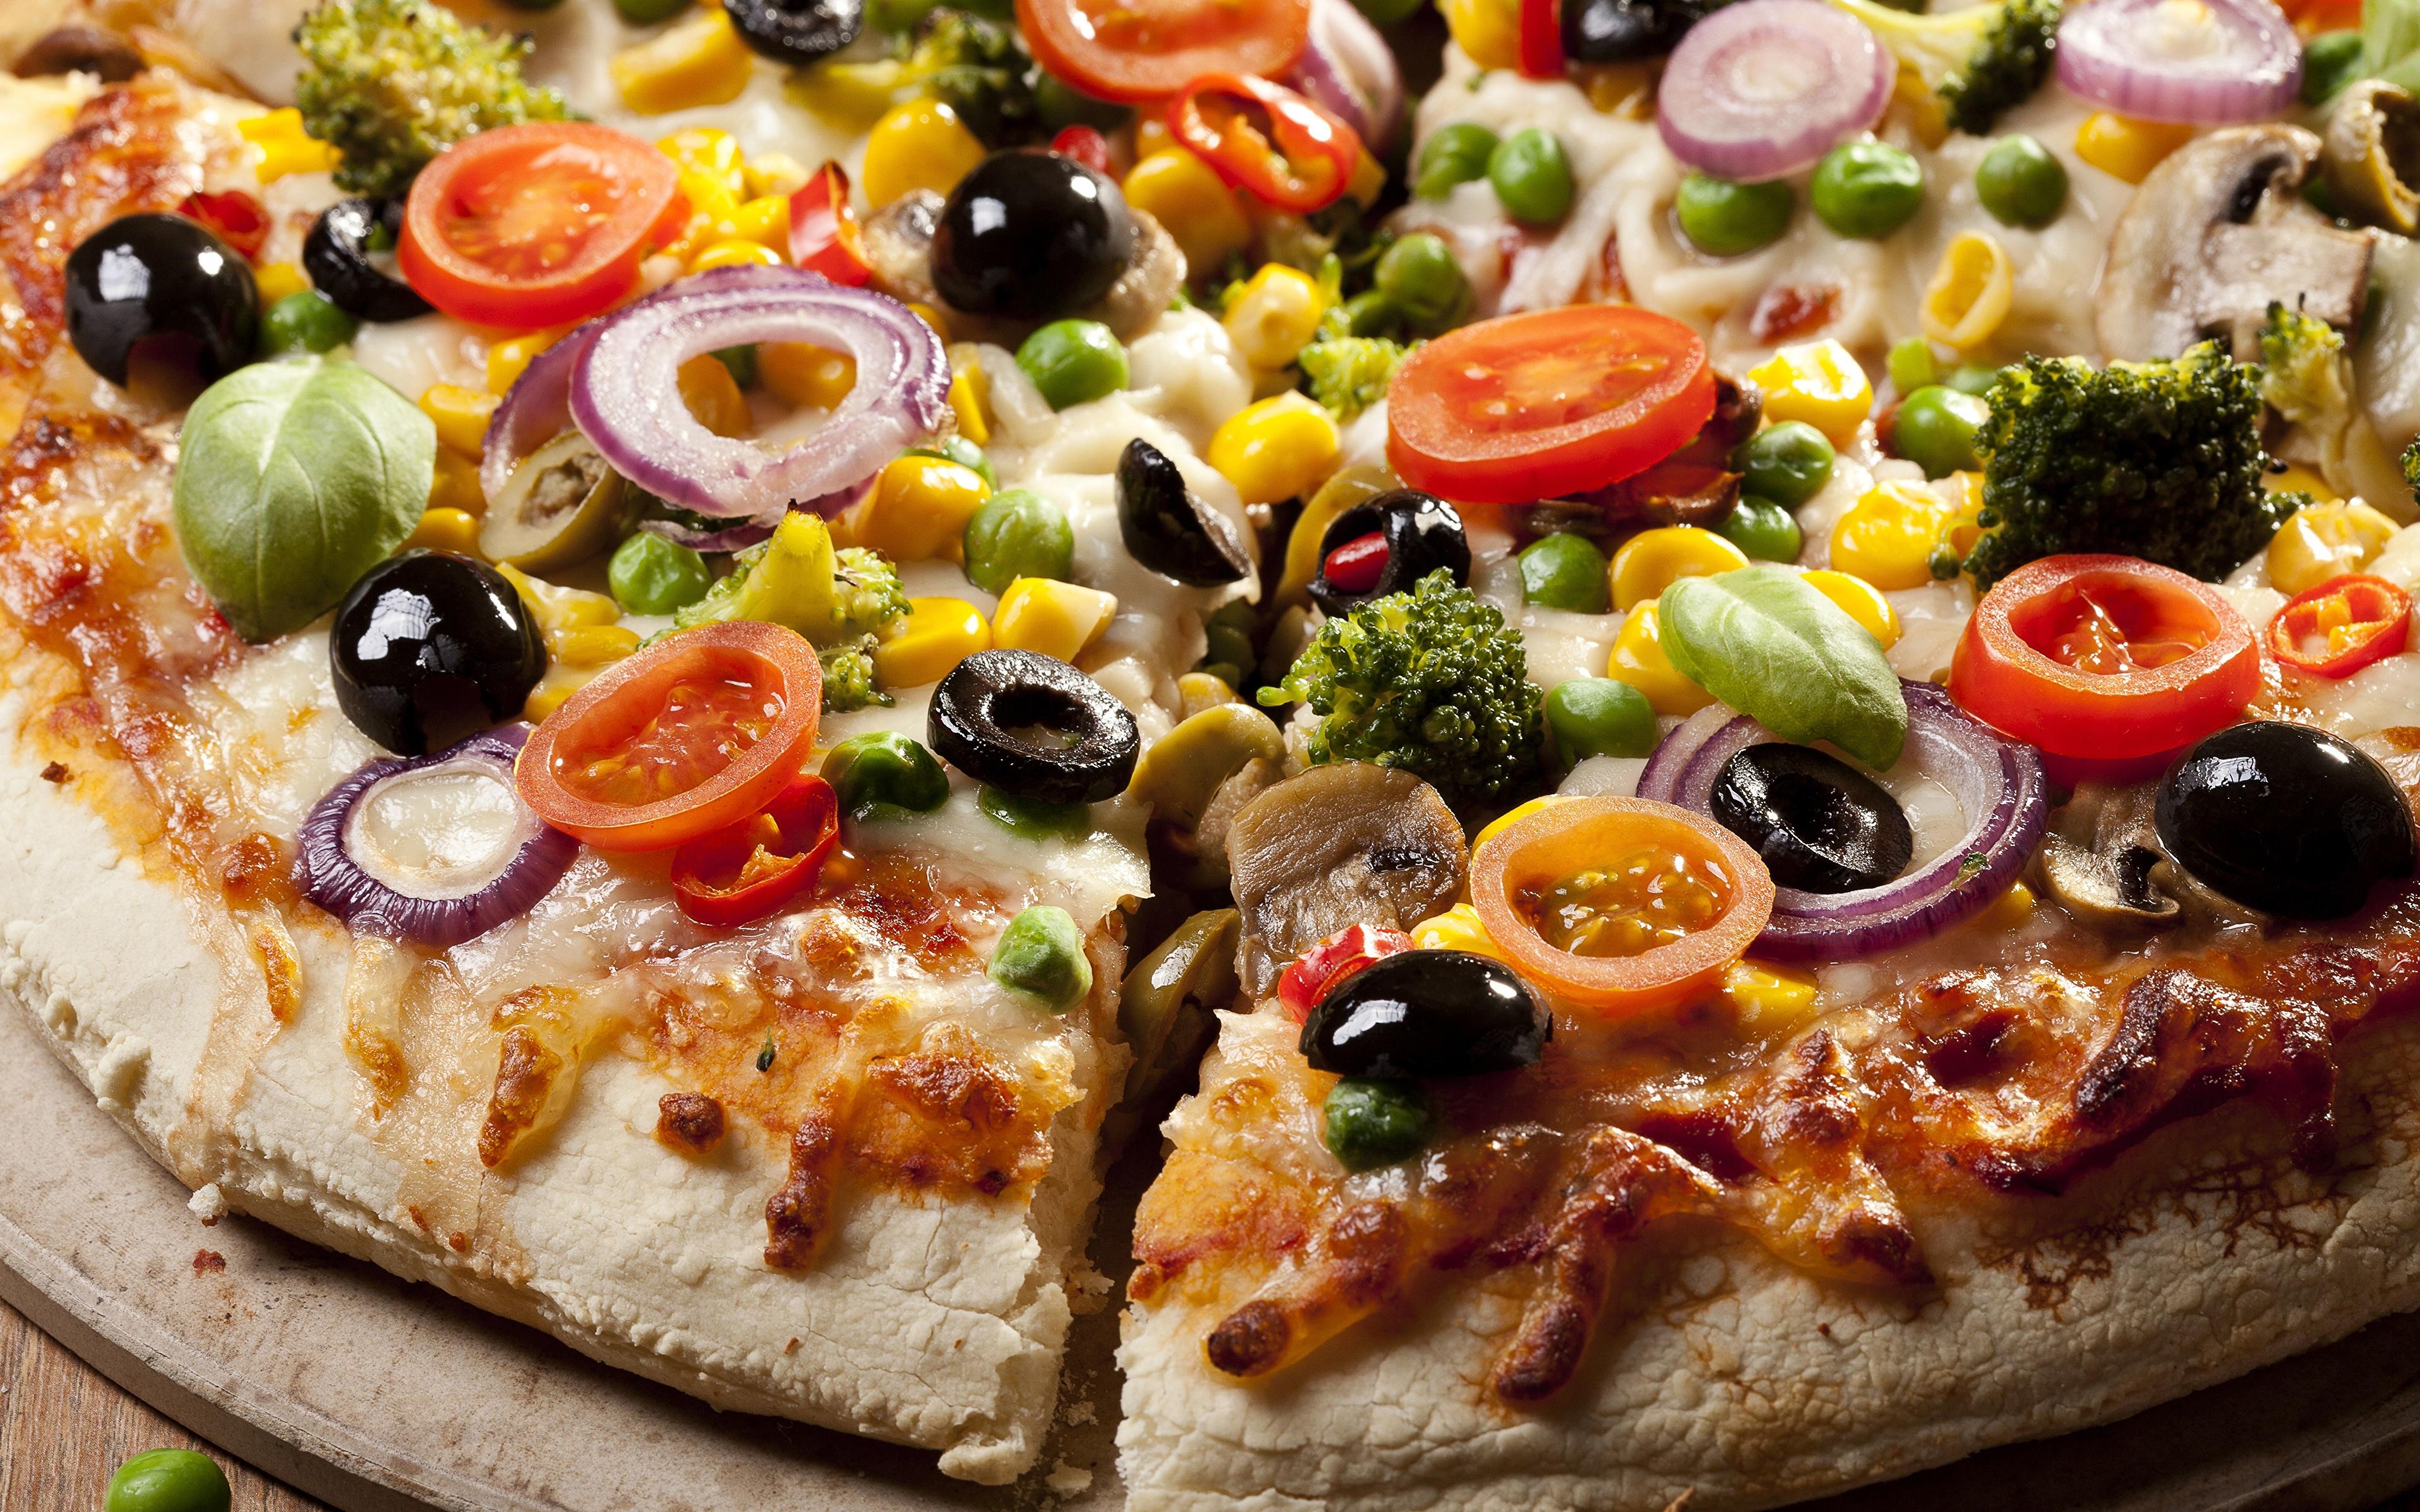 Фото Пища Пицца Оливки вблизи 3840x2400 Еда Продукты питания Крупным планом